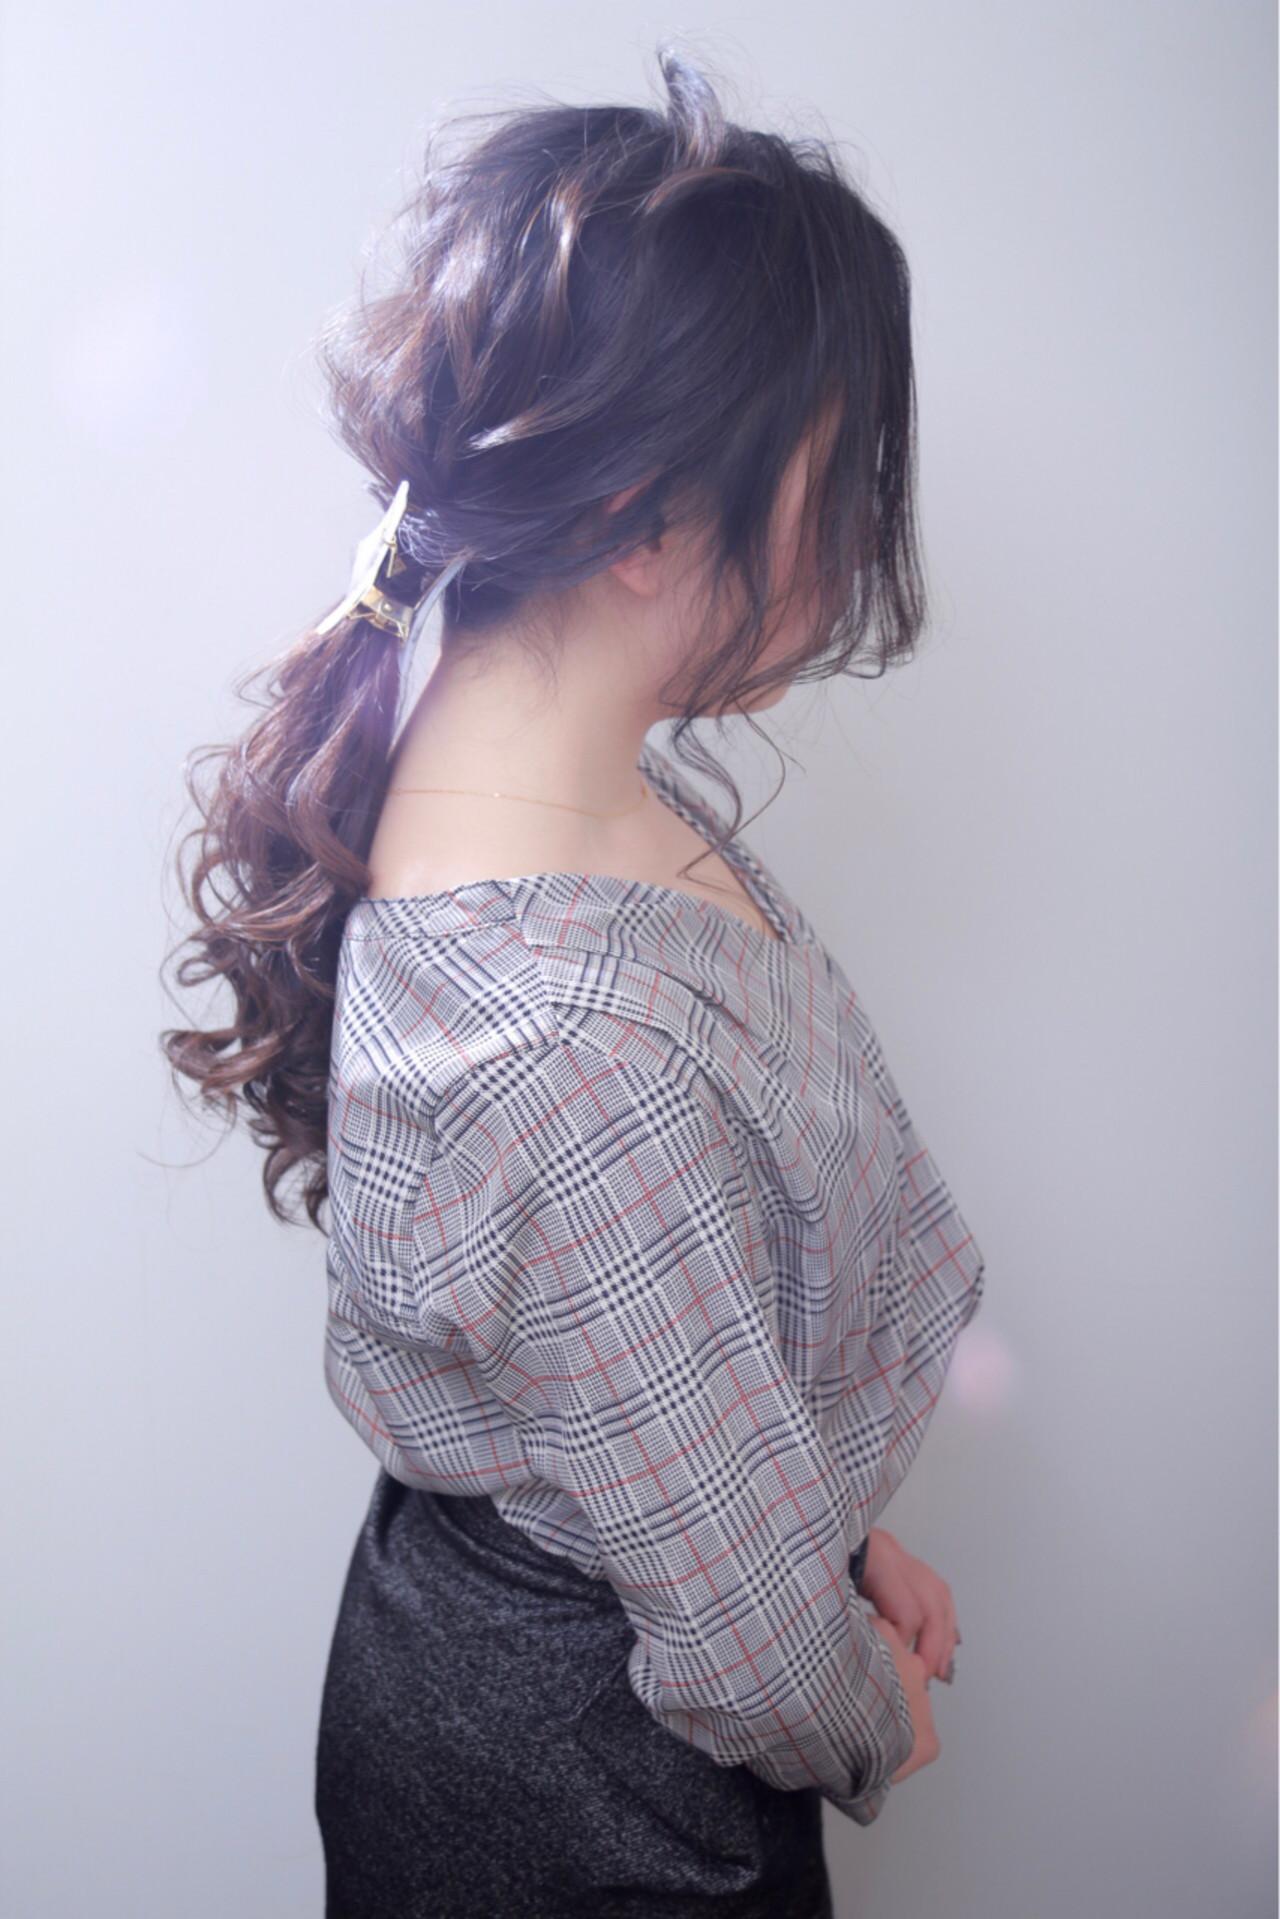 ヘアアレンジ 結婚式 ゆるふわ ポニーテール ヘアスタイルや髪型の写真・画像